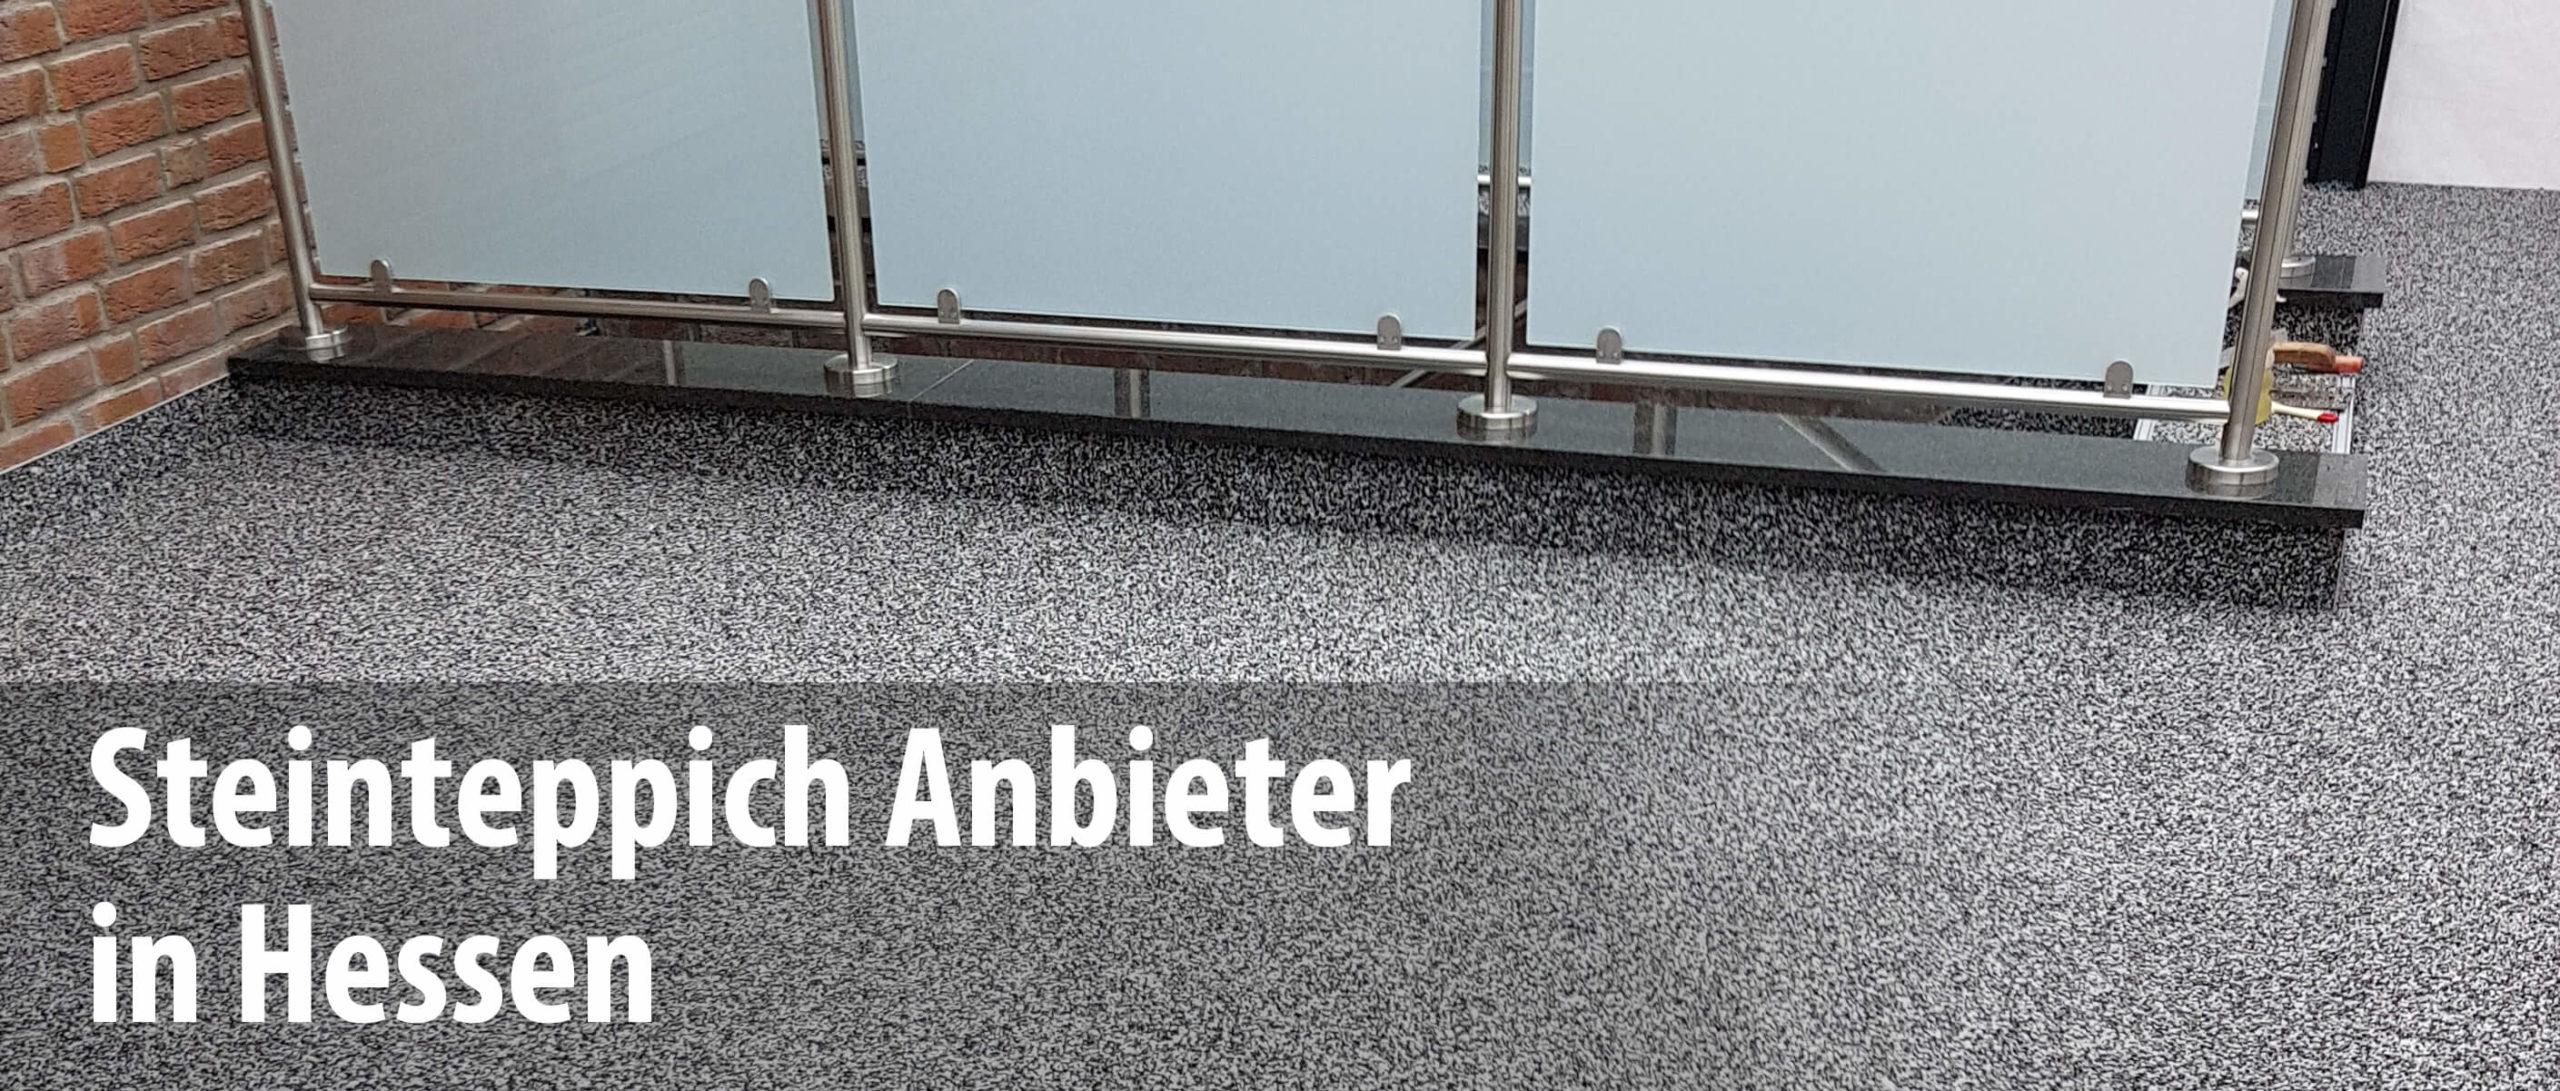 Wir arbeiten mit Steinteppich-Anbietern in Hessen zusammen und bieten mit unseren Partnern die professionelle Sanierung und Abdichtung von Balkonen und Terrassen.